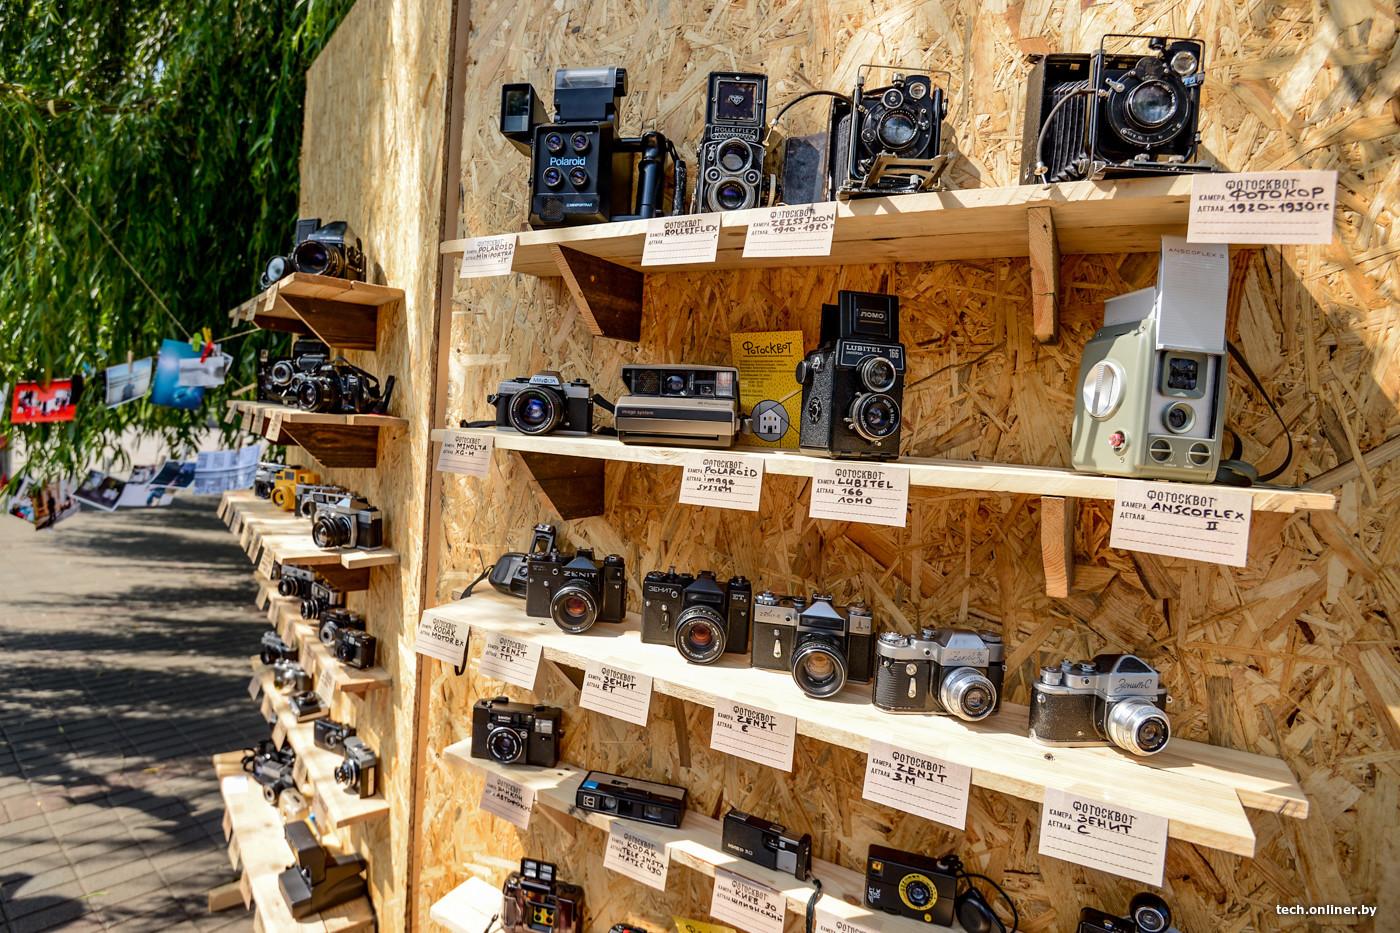 От простого селфи до упрощенной интерпретации реальности. Чему можно научиться на фестивале «Фотозона»?